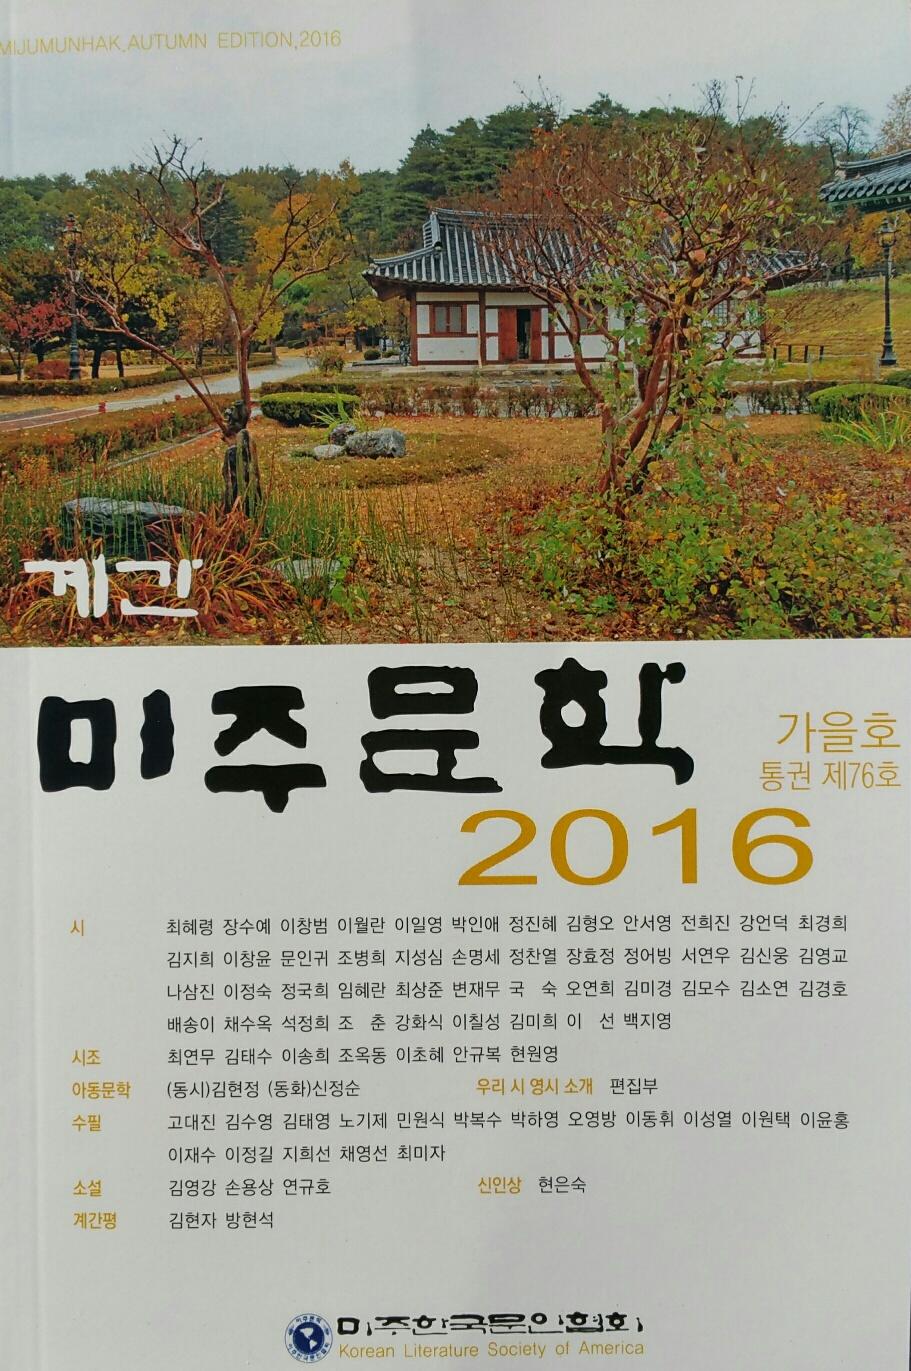 20161208_150305_001-1_resized.jpg